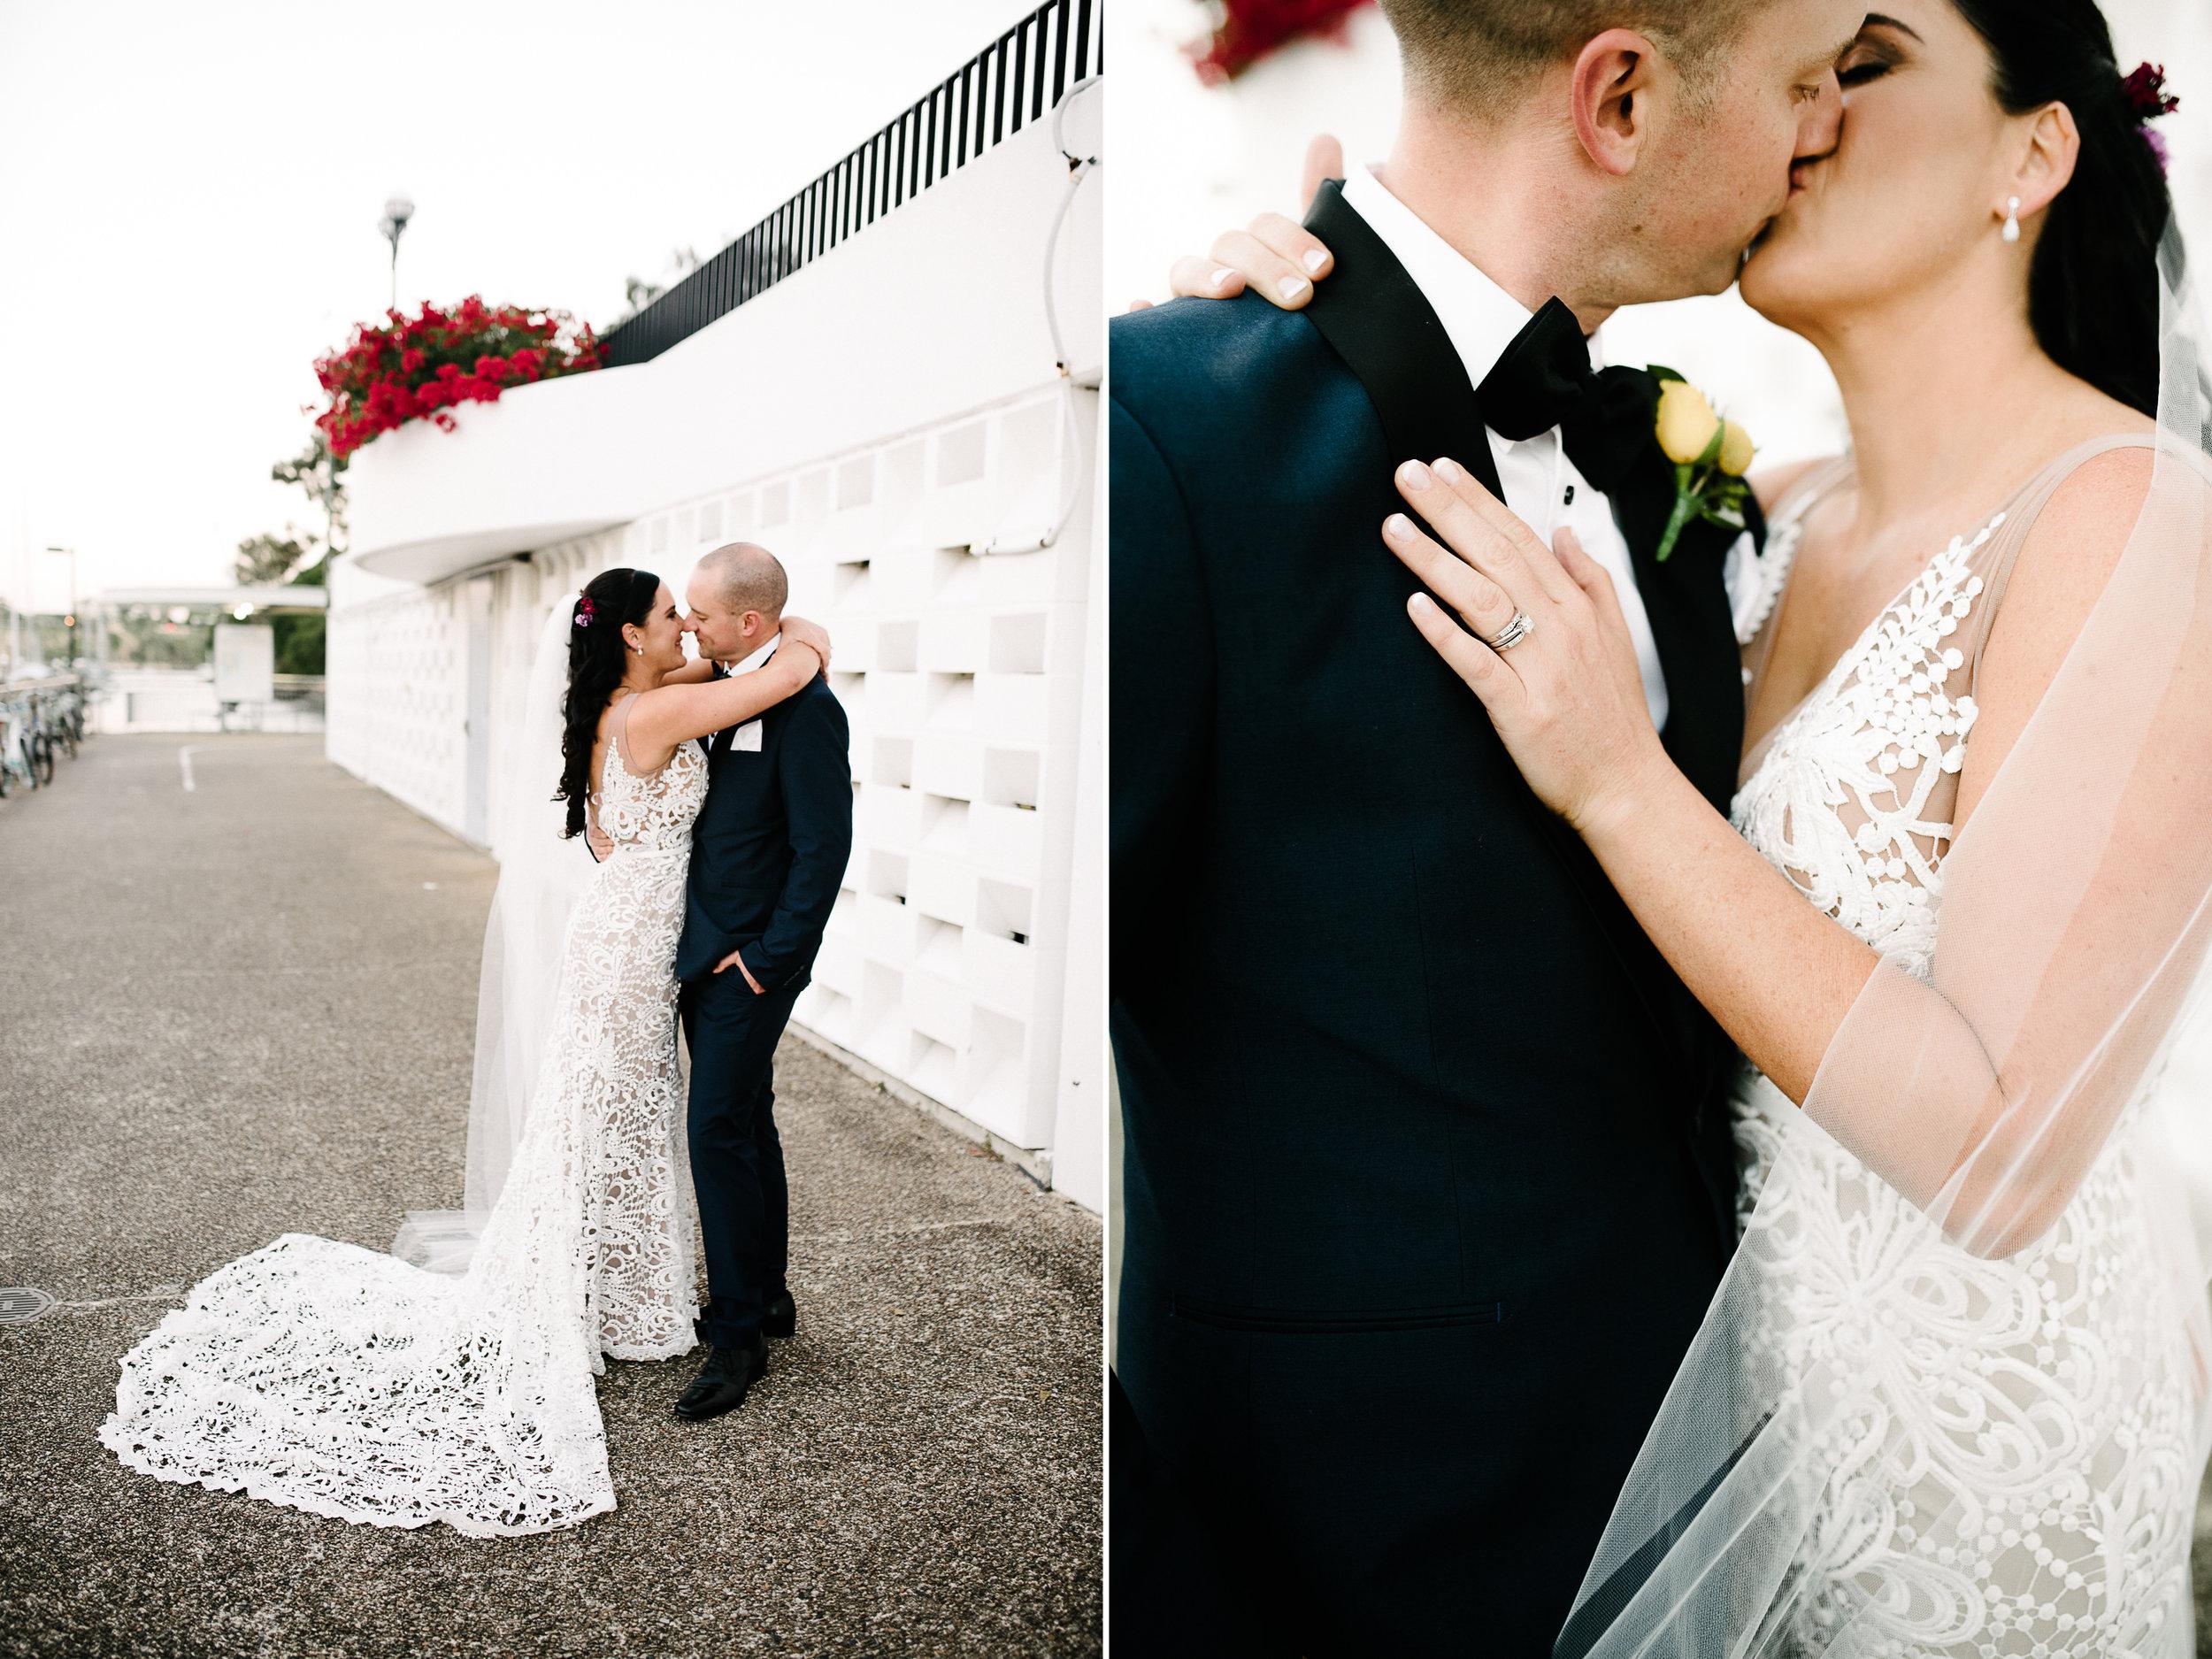 stamford-plaza-brisbane-wedding-28.jpg